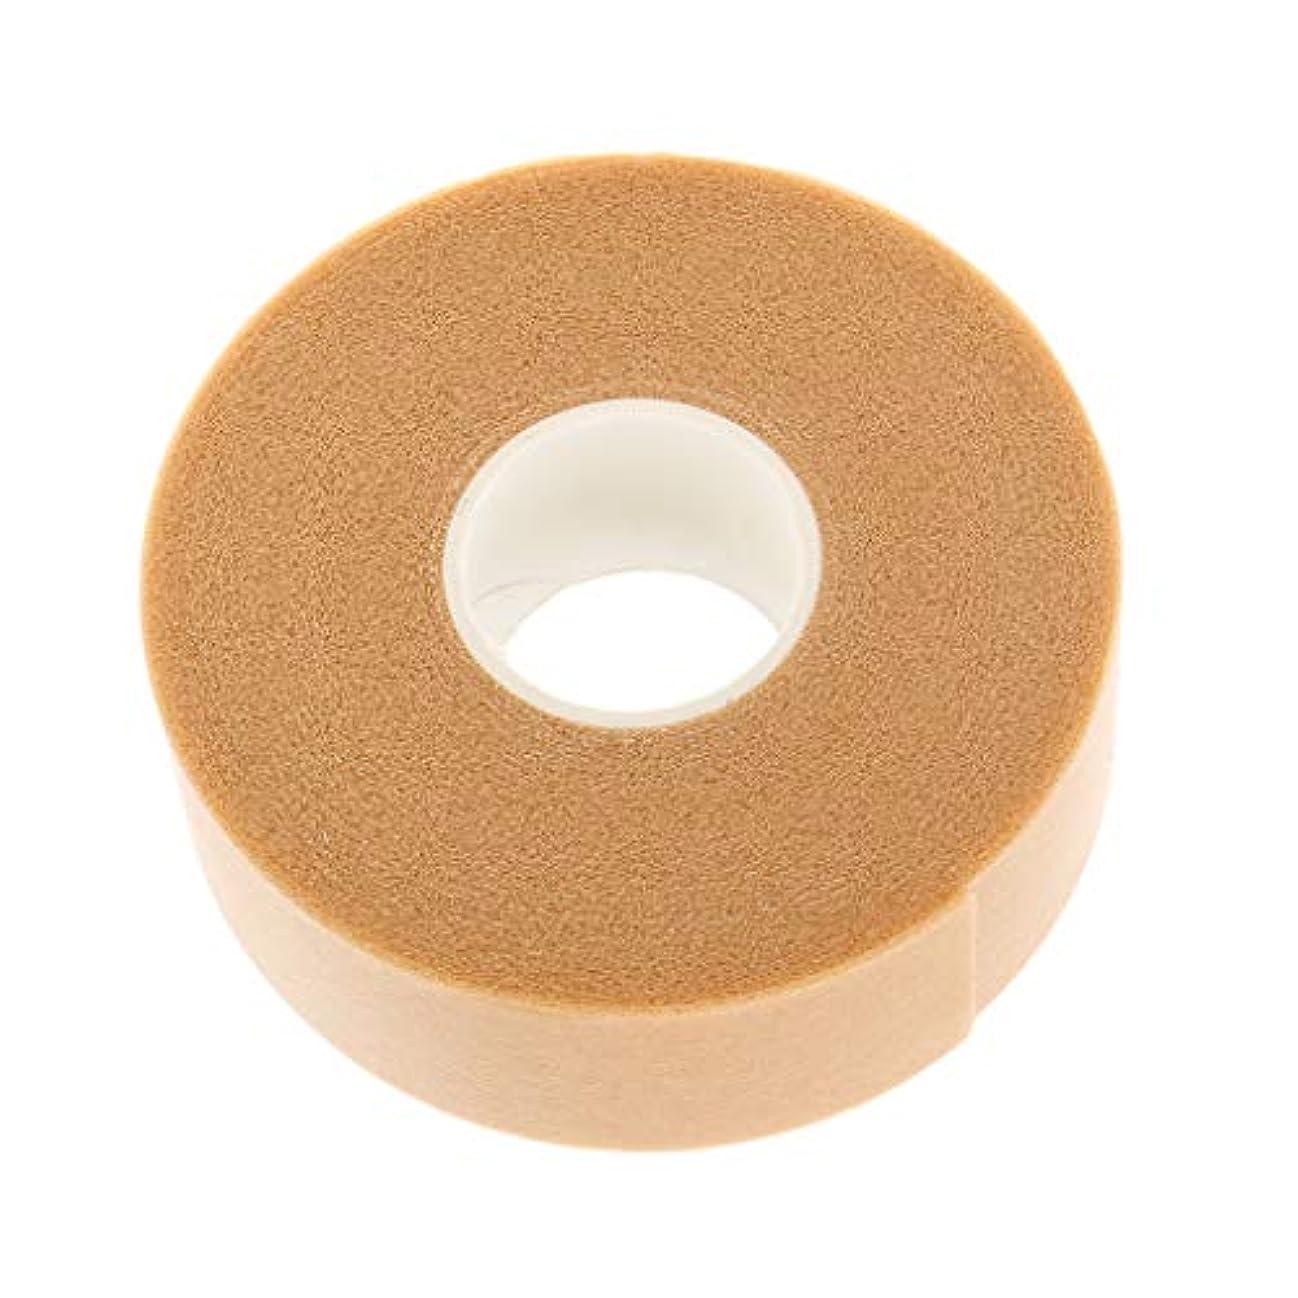 移行するラッシュ鉛筆Baoblaze ヒールパッド 防水 かかとテープ 保護ステッカー 靴擦れ防止 防水 幅25mm